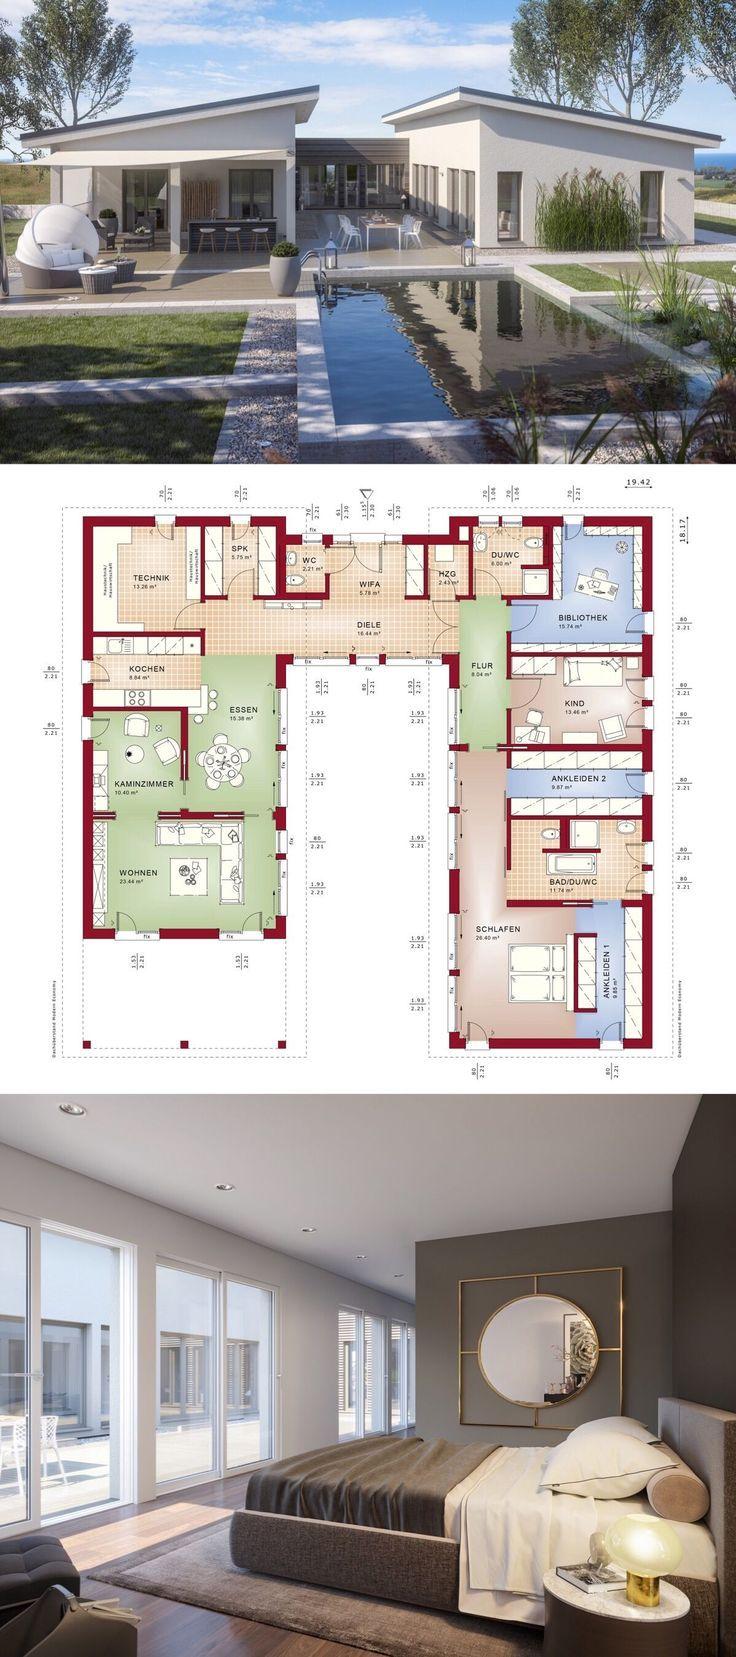 Bungalow Haus mit Pultdach & Innenhof, 6 Zimmer Grundriss ebenerdig mit Pool Terrasse, innen modern, offen – Einfamilienhaus eingeschossig bauen Ideen… – HausbauDirekt